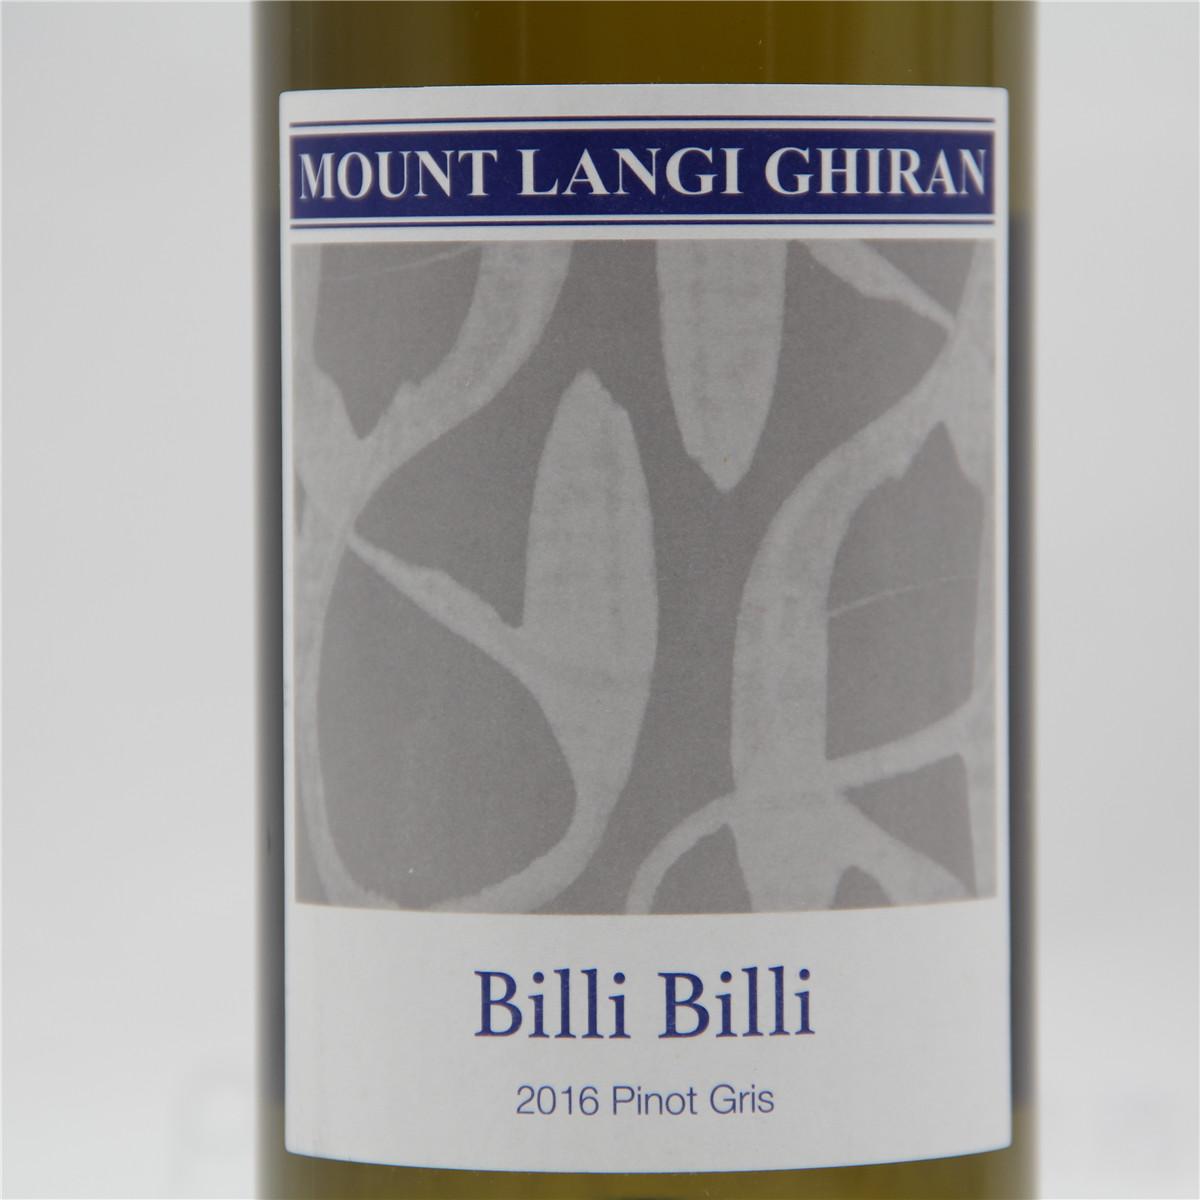 朗节酒庄比利比利灰皮诺白葡萄酒 2016